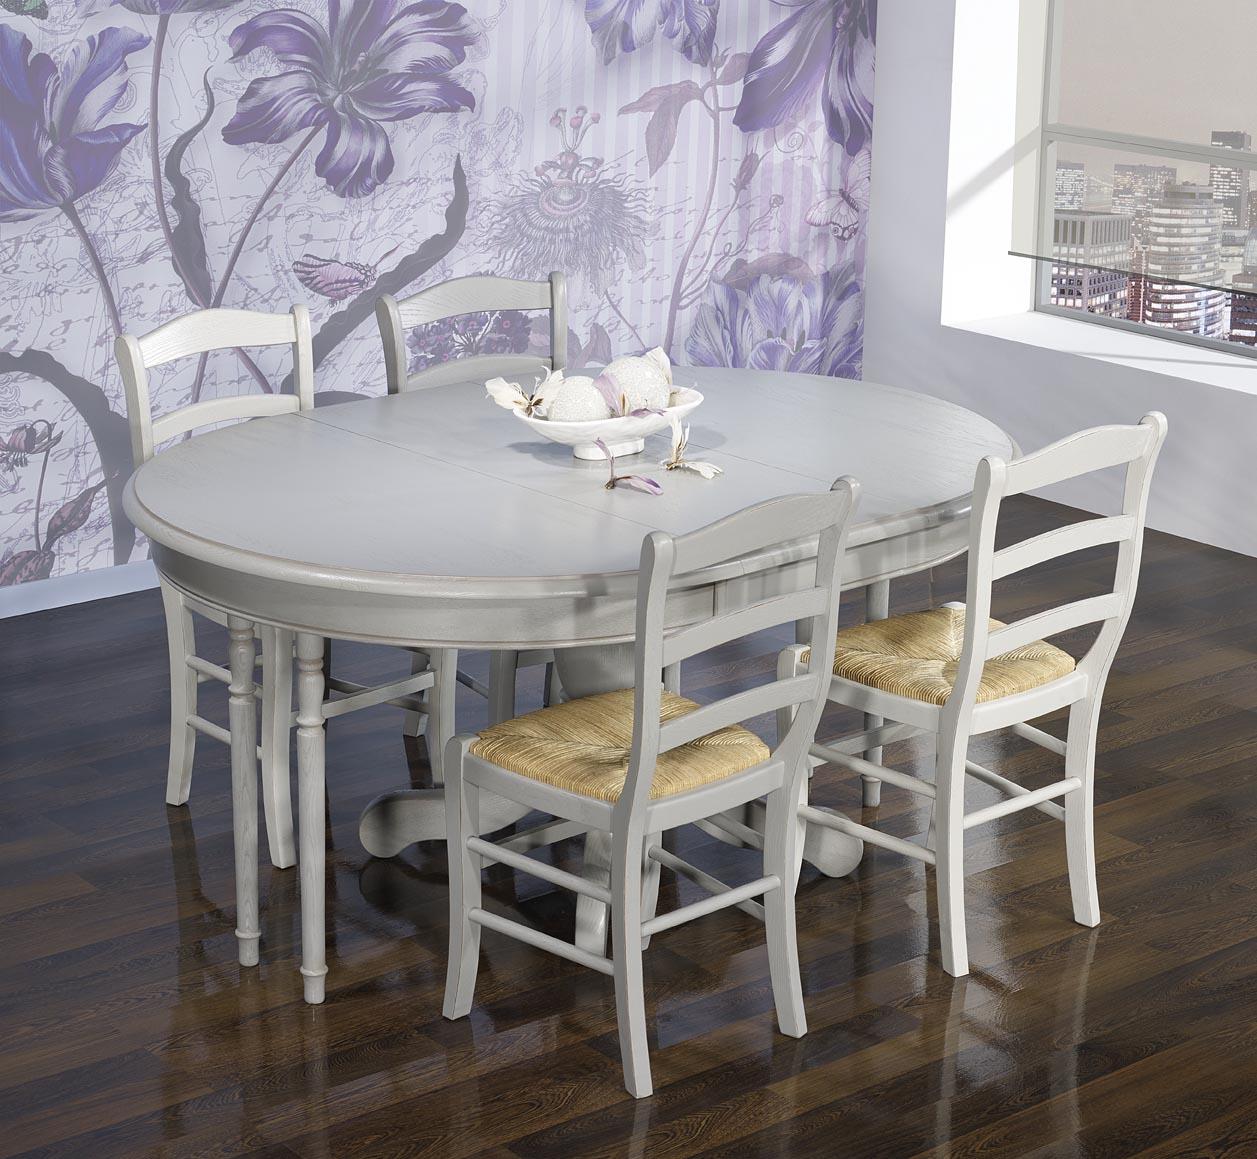 table ronde pied central en ch ne massif de style louis philippe diametre 120 avec 2 allonges de. Black Bedroom Furniture Sets. Home Design Ideas